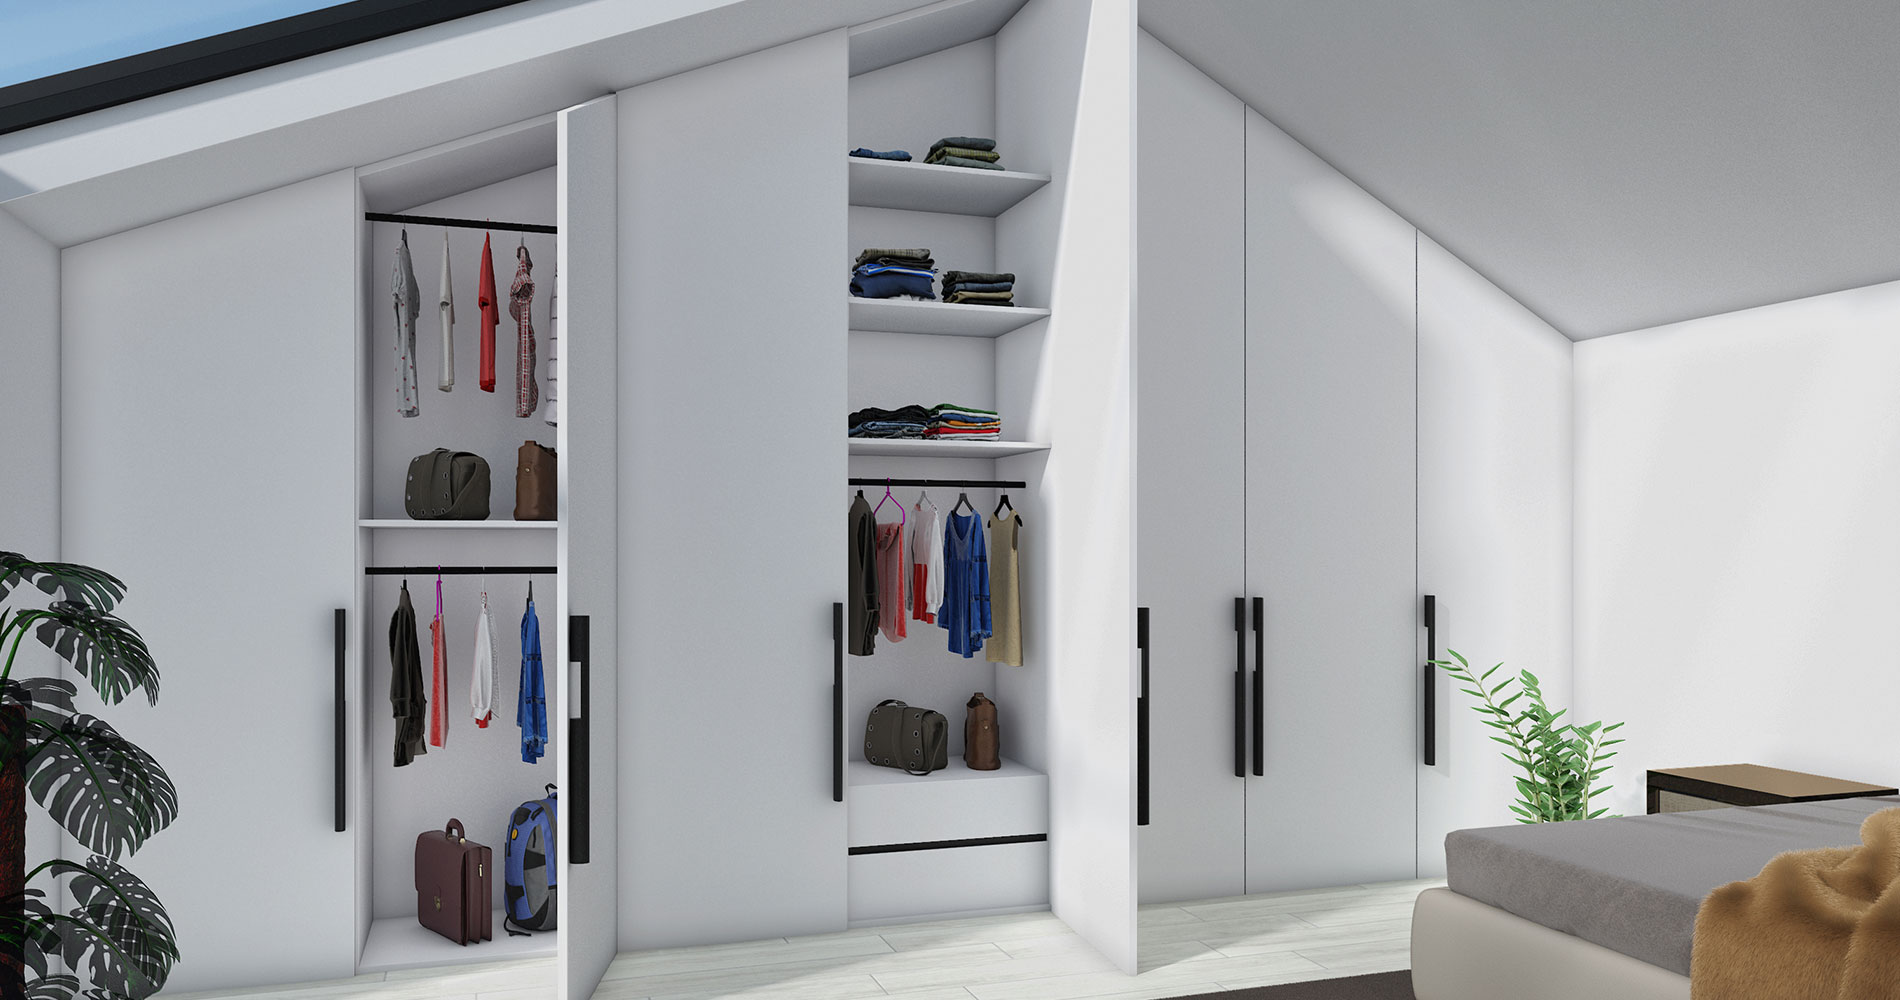 Top 7 Loft Wardrobes Designs